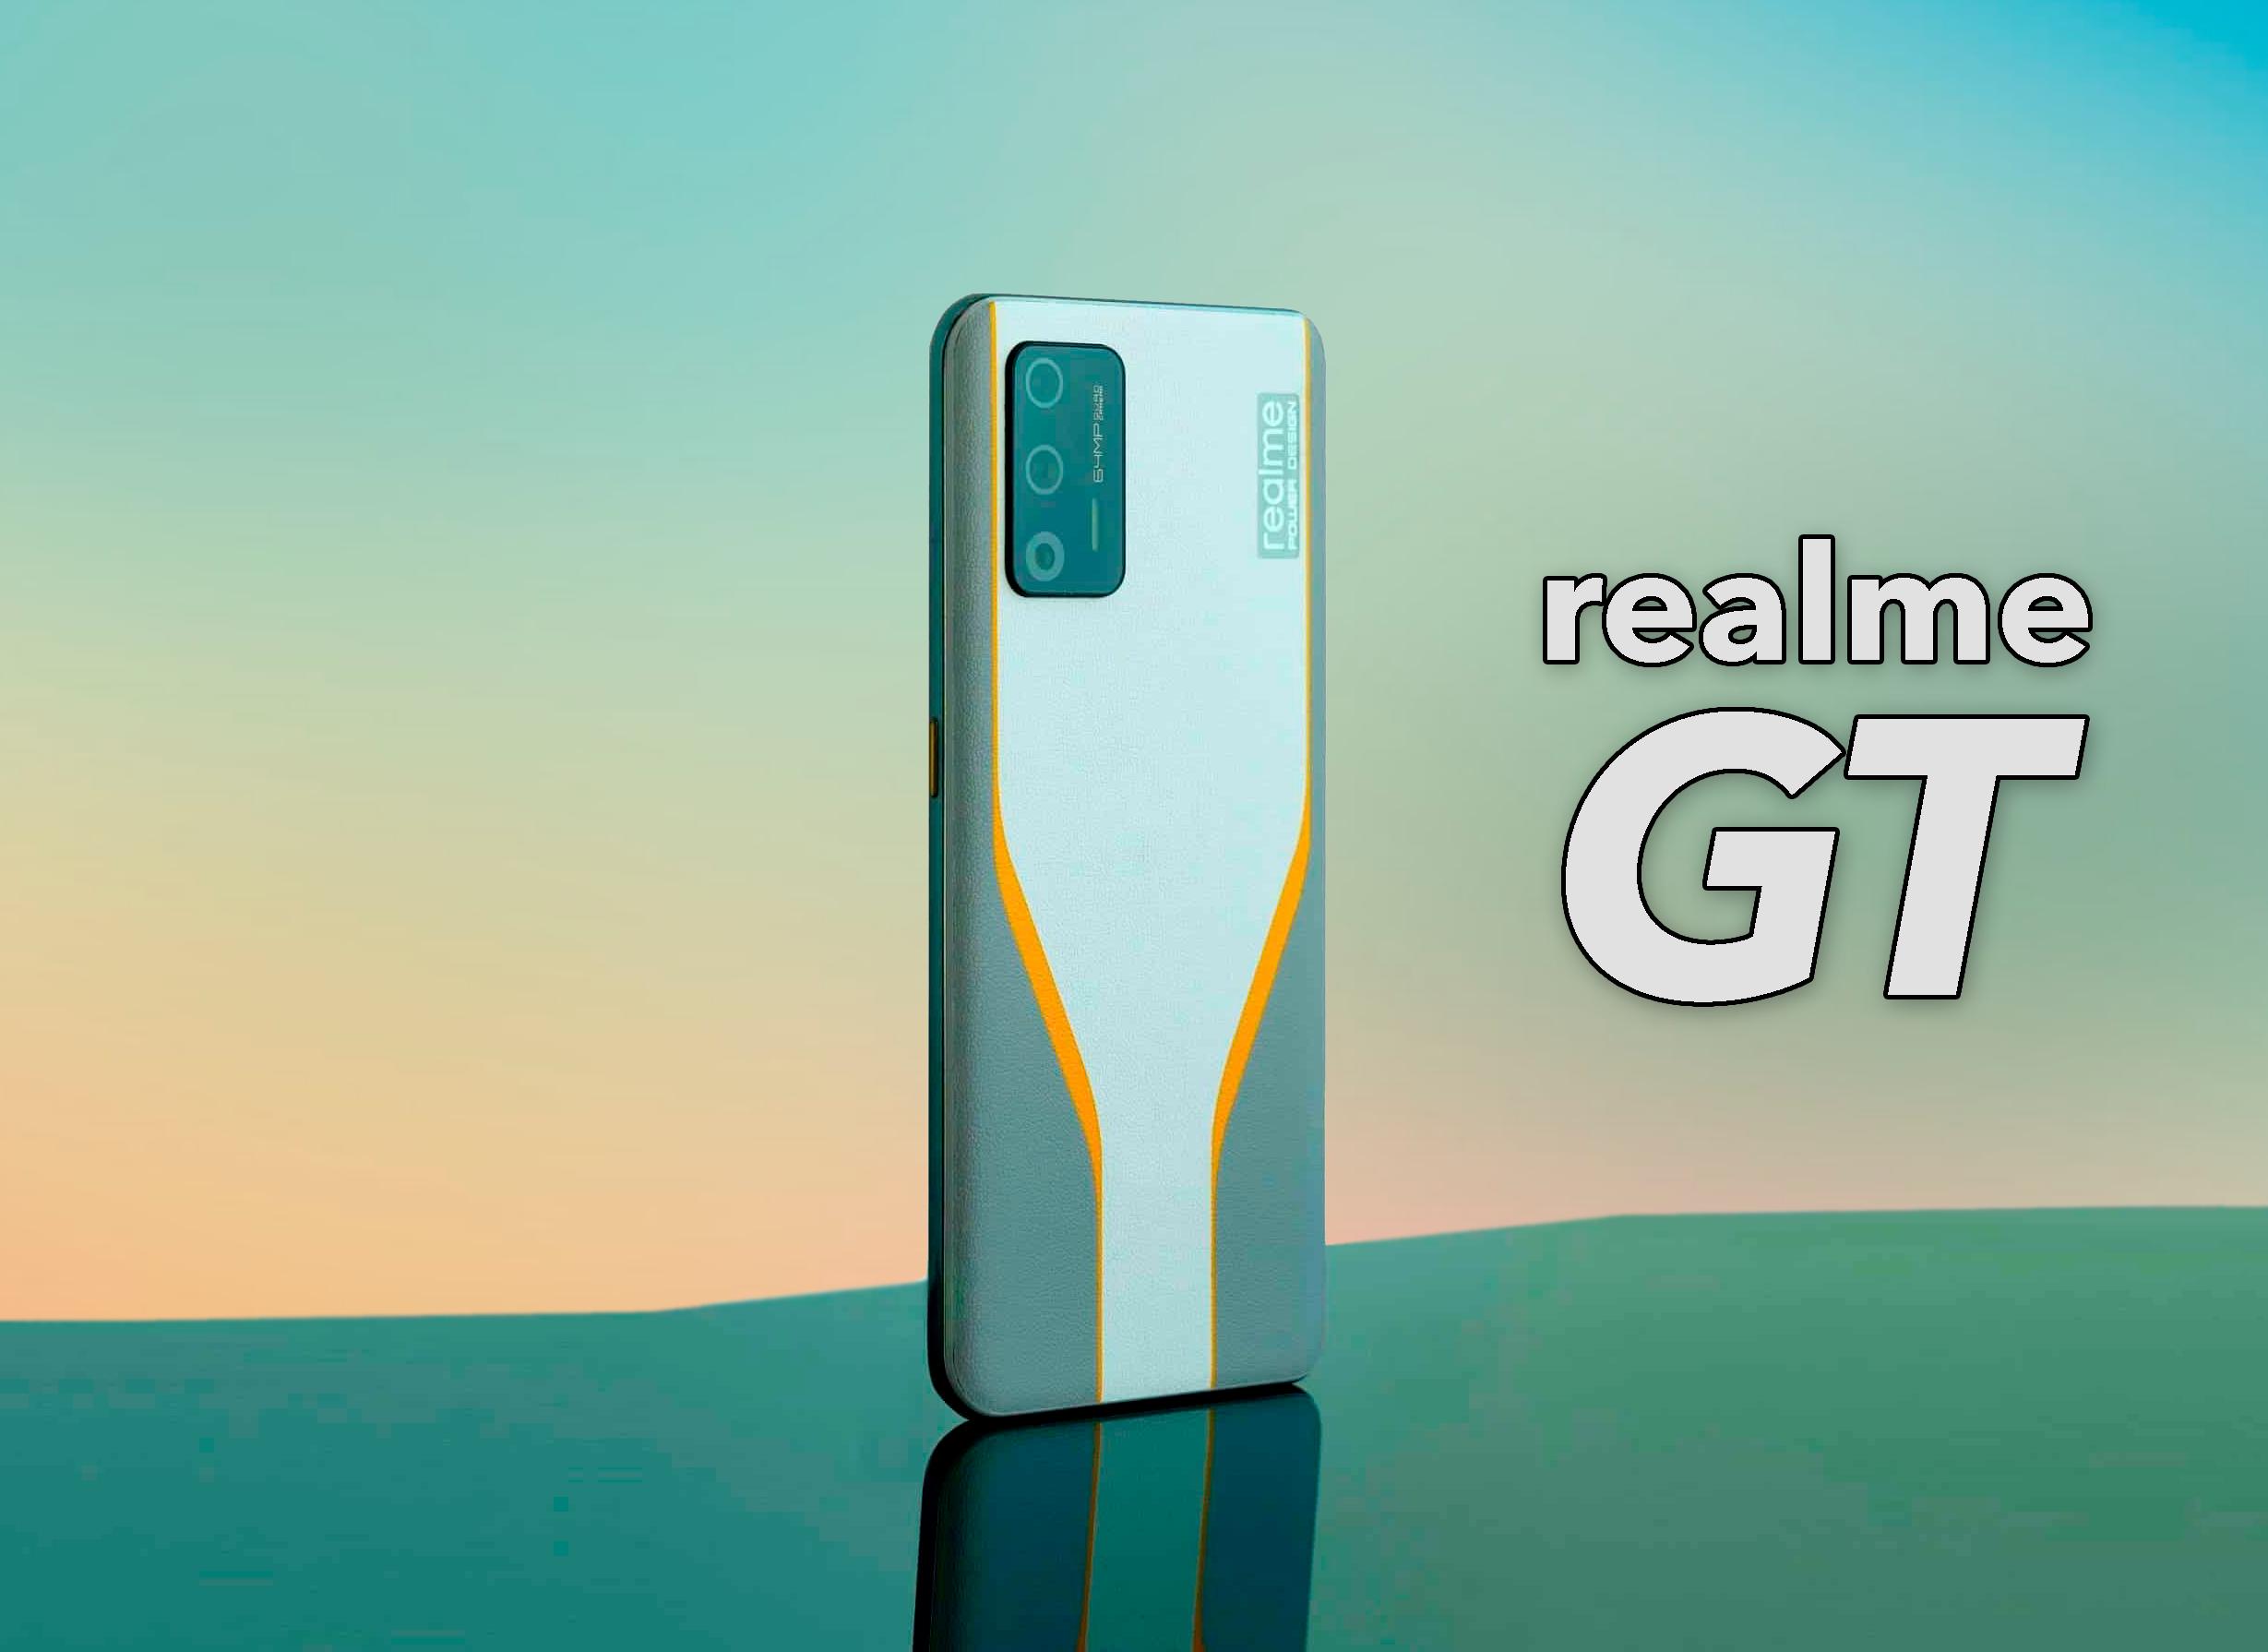 El realme GT podría ser el rey de la relación calidad/precio en la gama alta: Snapdragon 888, 160 Hz, 12 GB de RAM…